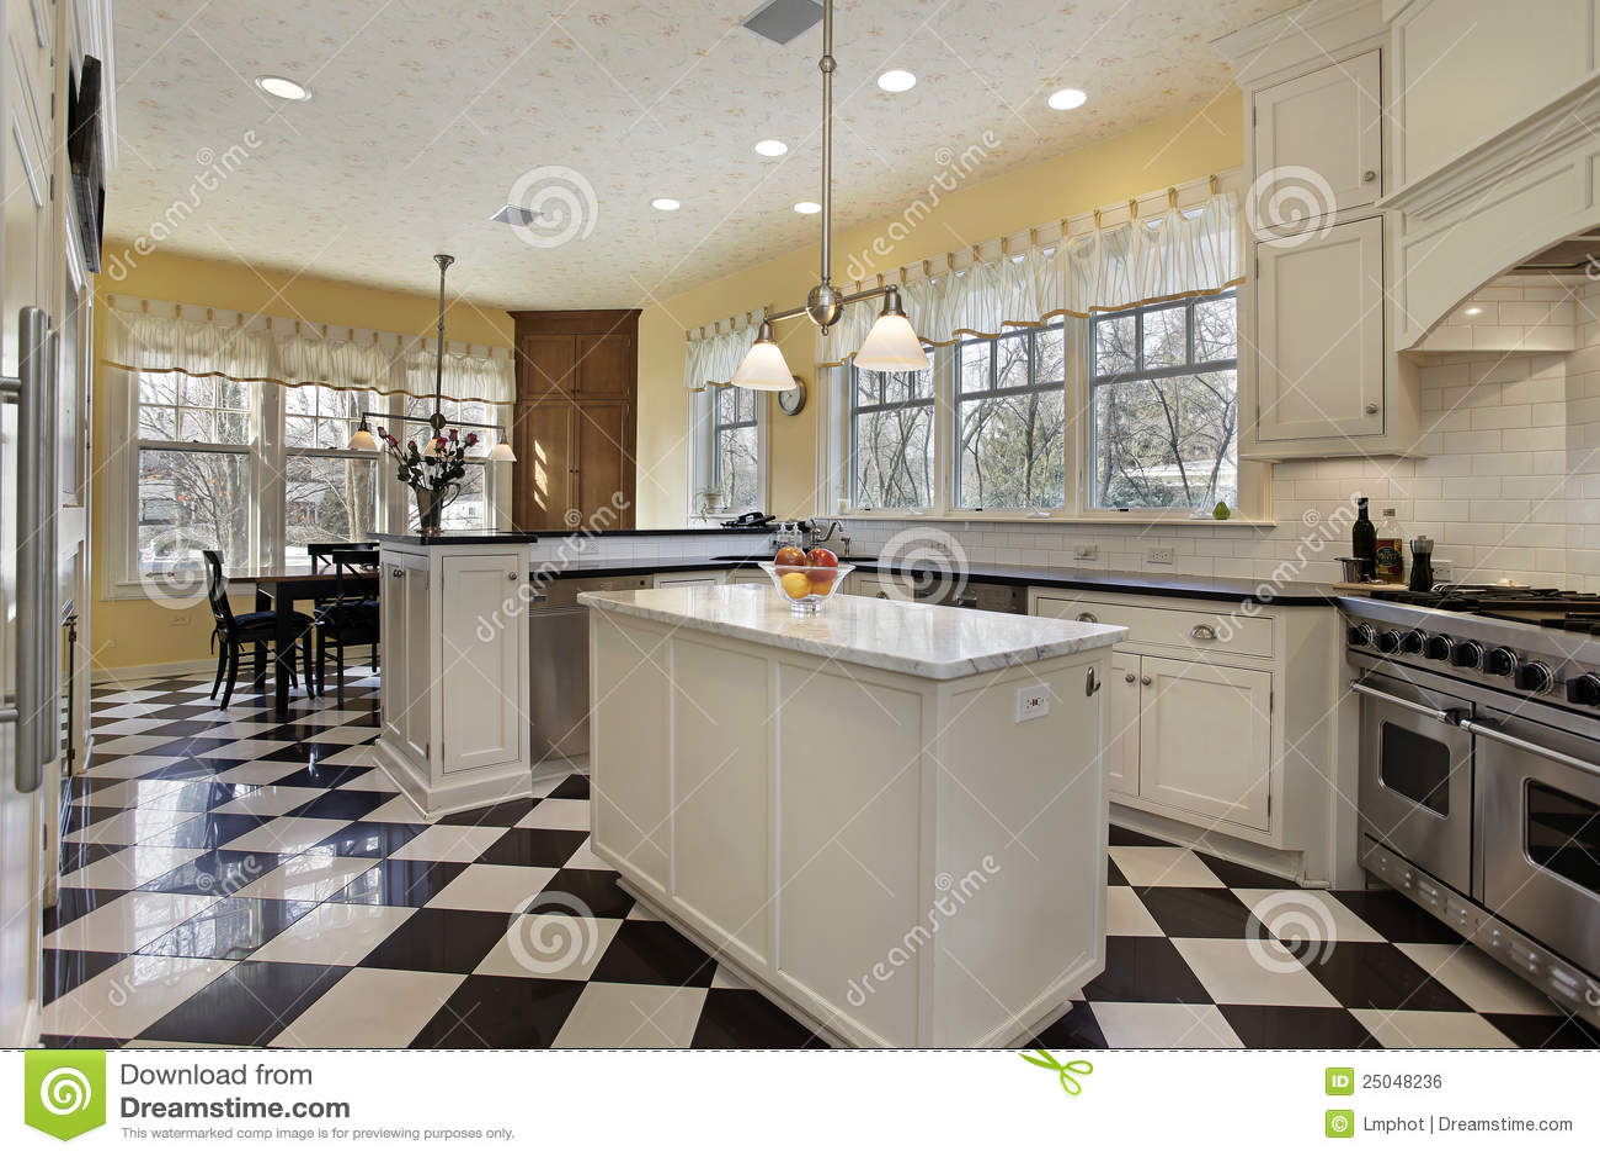 Cocina con el suelo blanco y negro imagen de archivo libre - Cocina blanco y negro ...